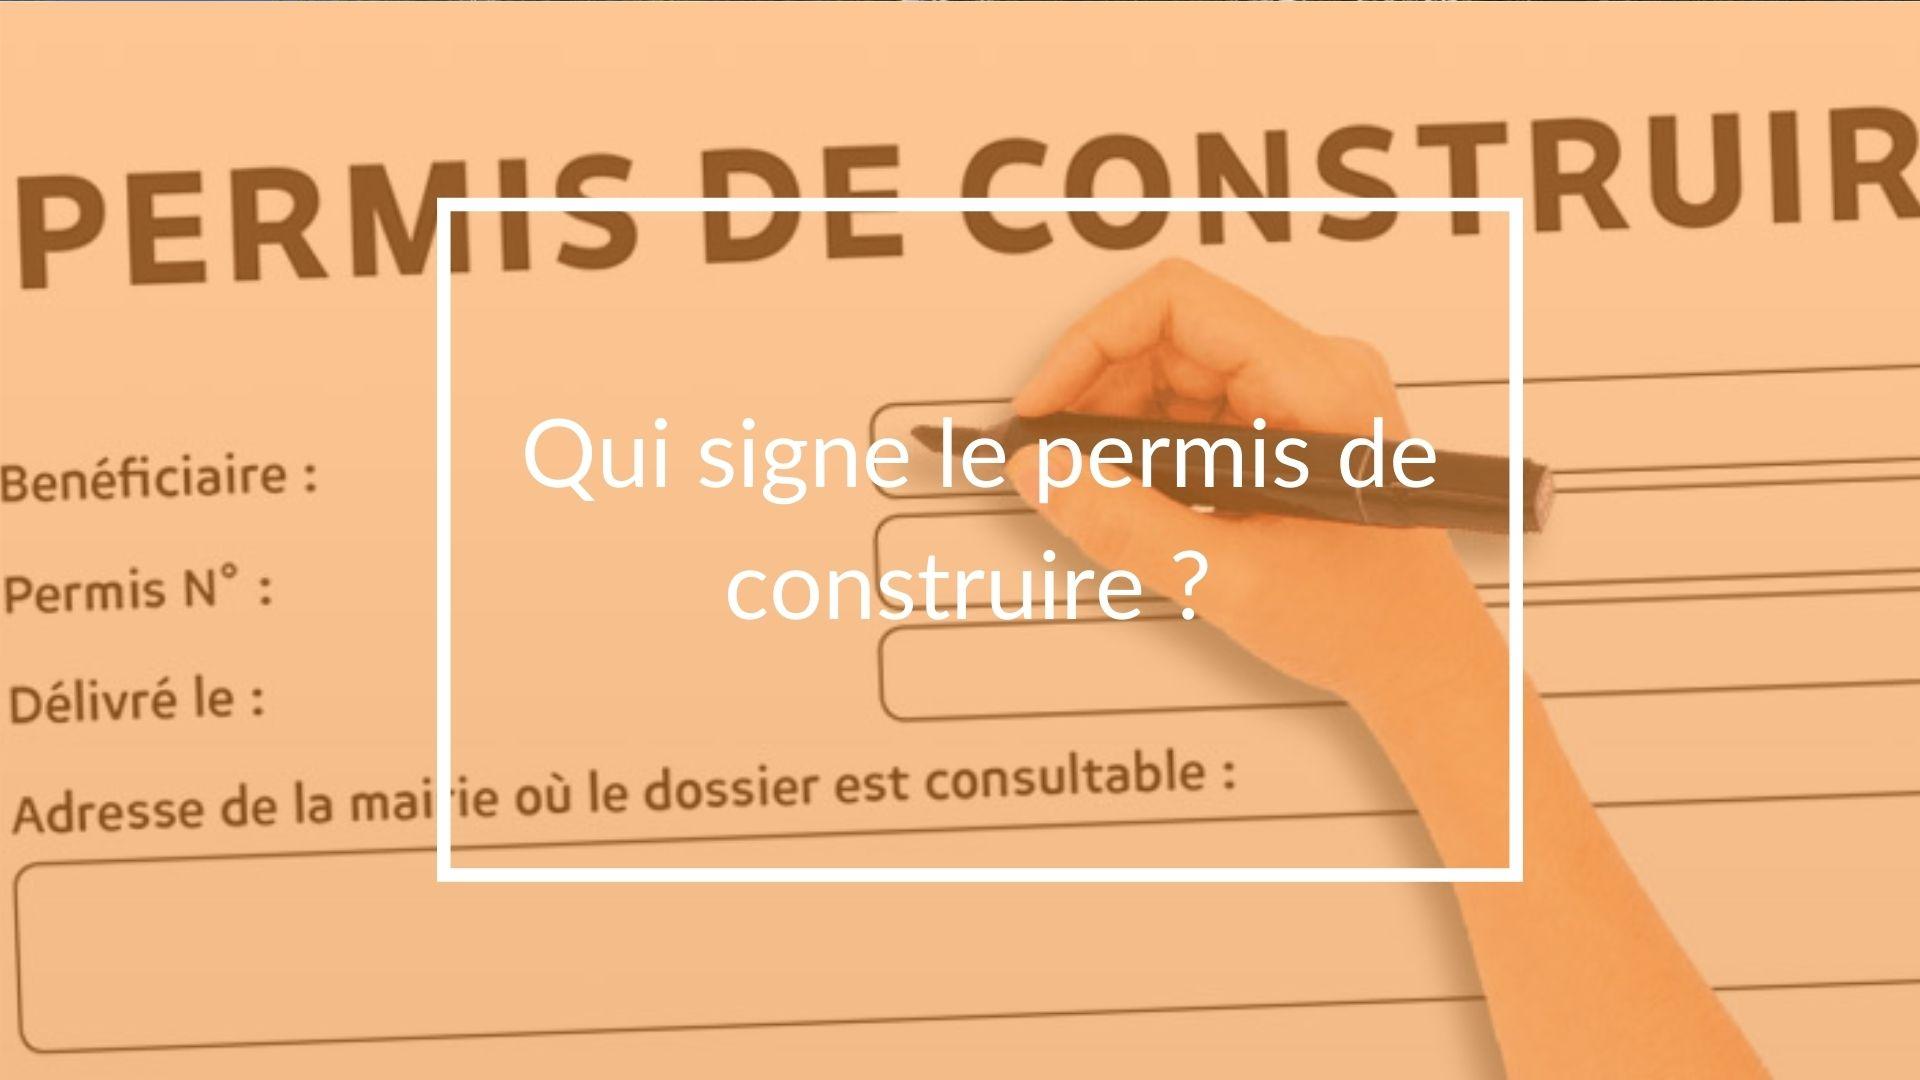 Quelles sont les personnes qui doivent signer le permis de construire ?